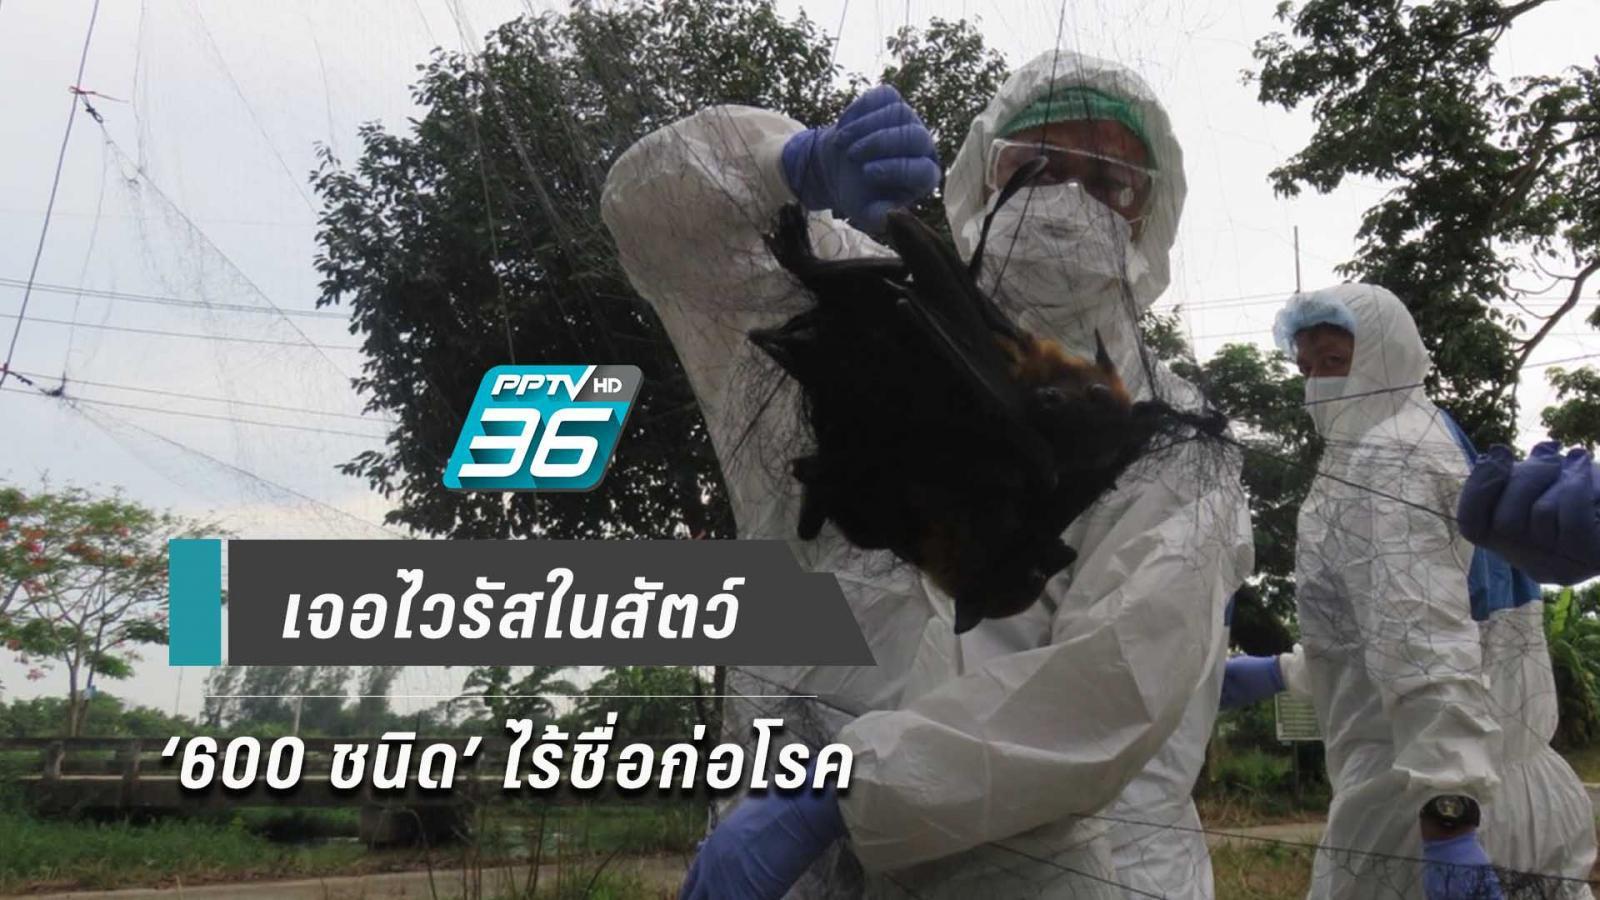 หมอจุฬาฯ เผย ปี 63 เฝ้าระวัง 'เชื้อไวรัส 600 ชนิด' ไร้ชื่อ เสี่ยงติดสัตว์นำโรคสู่คน